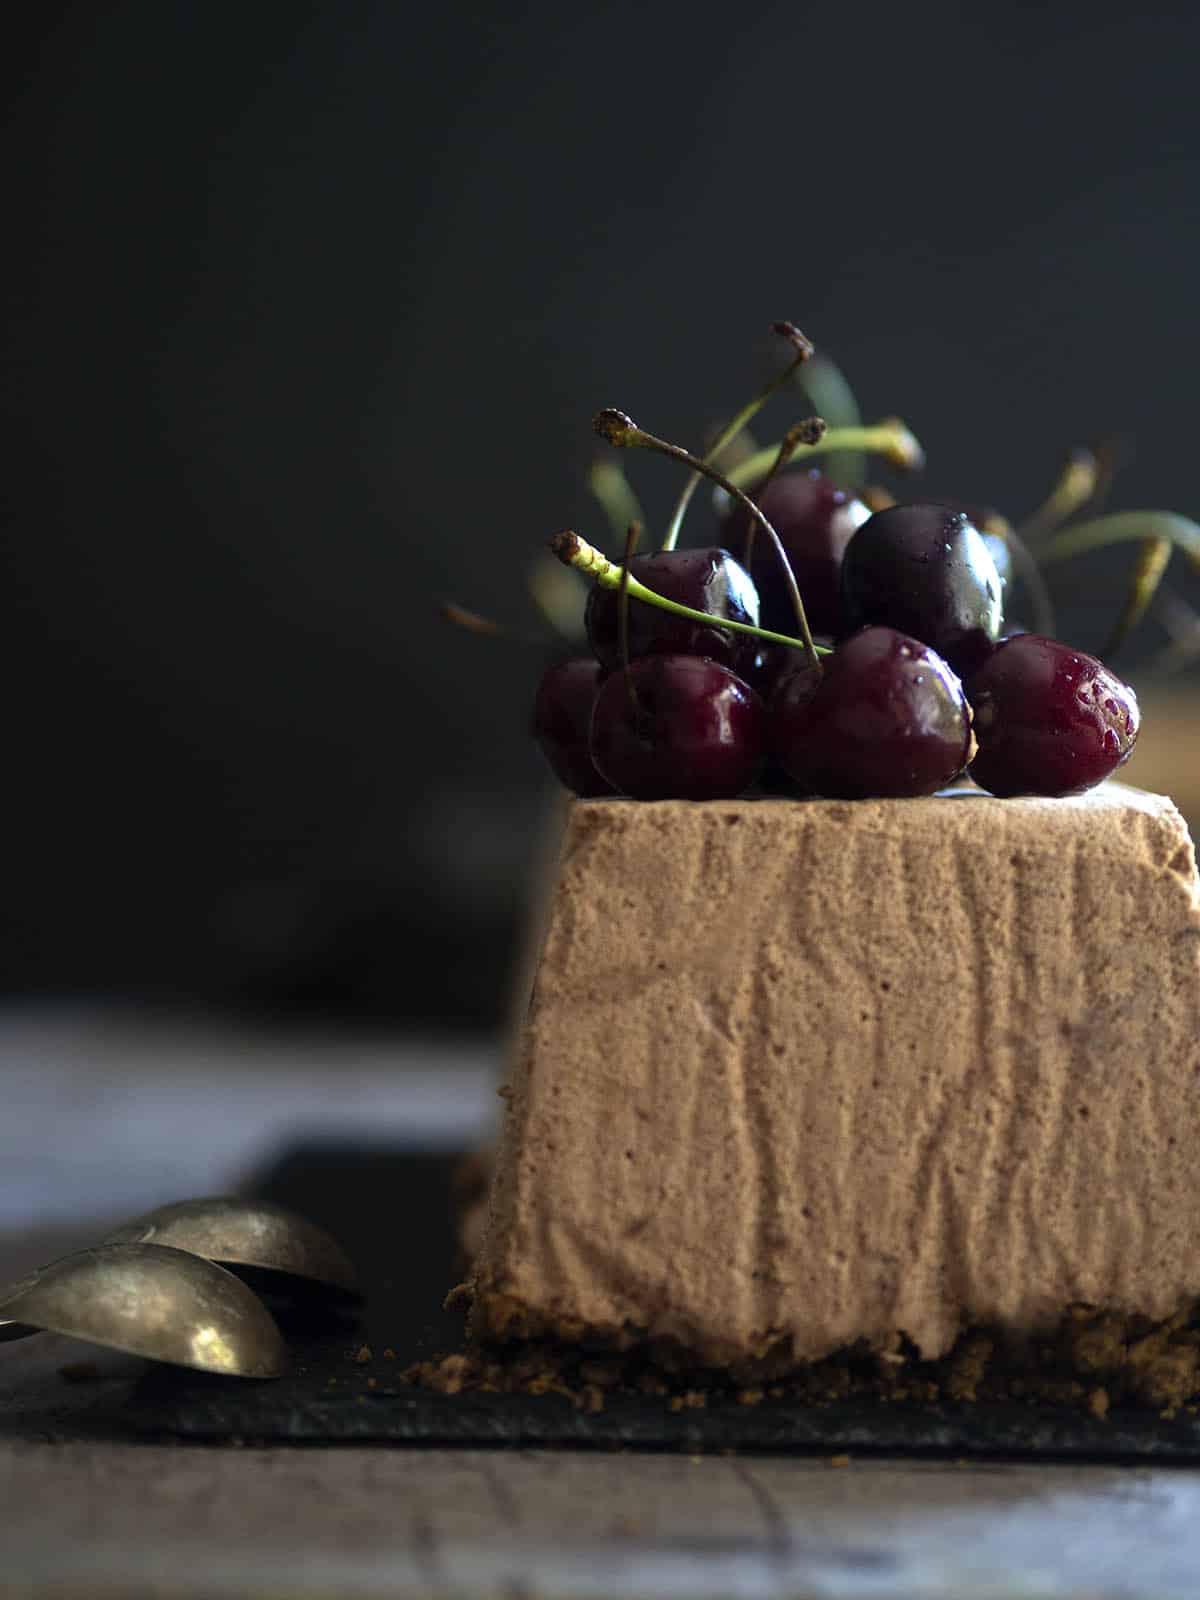 σεμιφρέντο με σοκολάτα και κεράσια